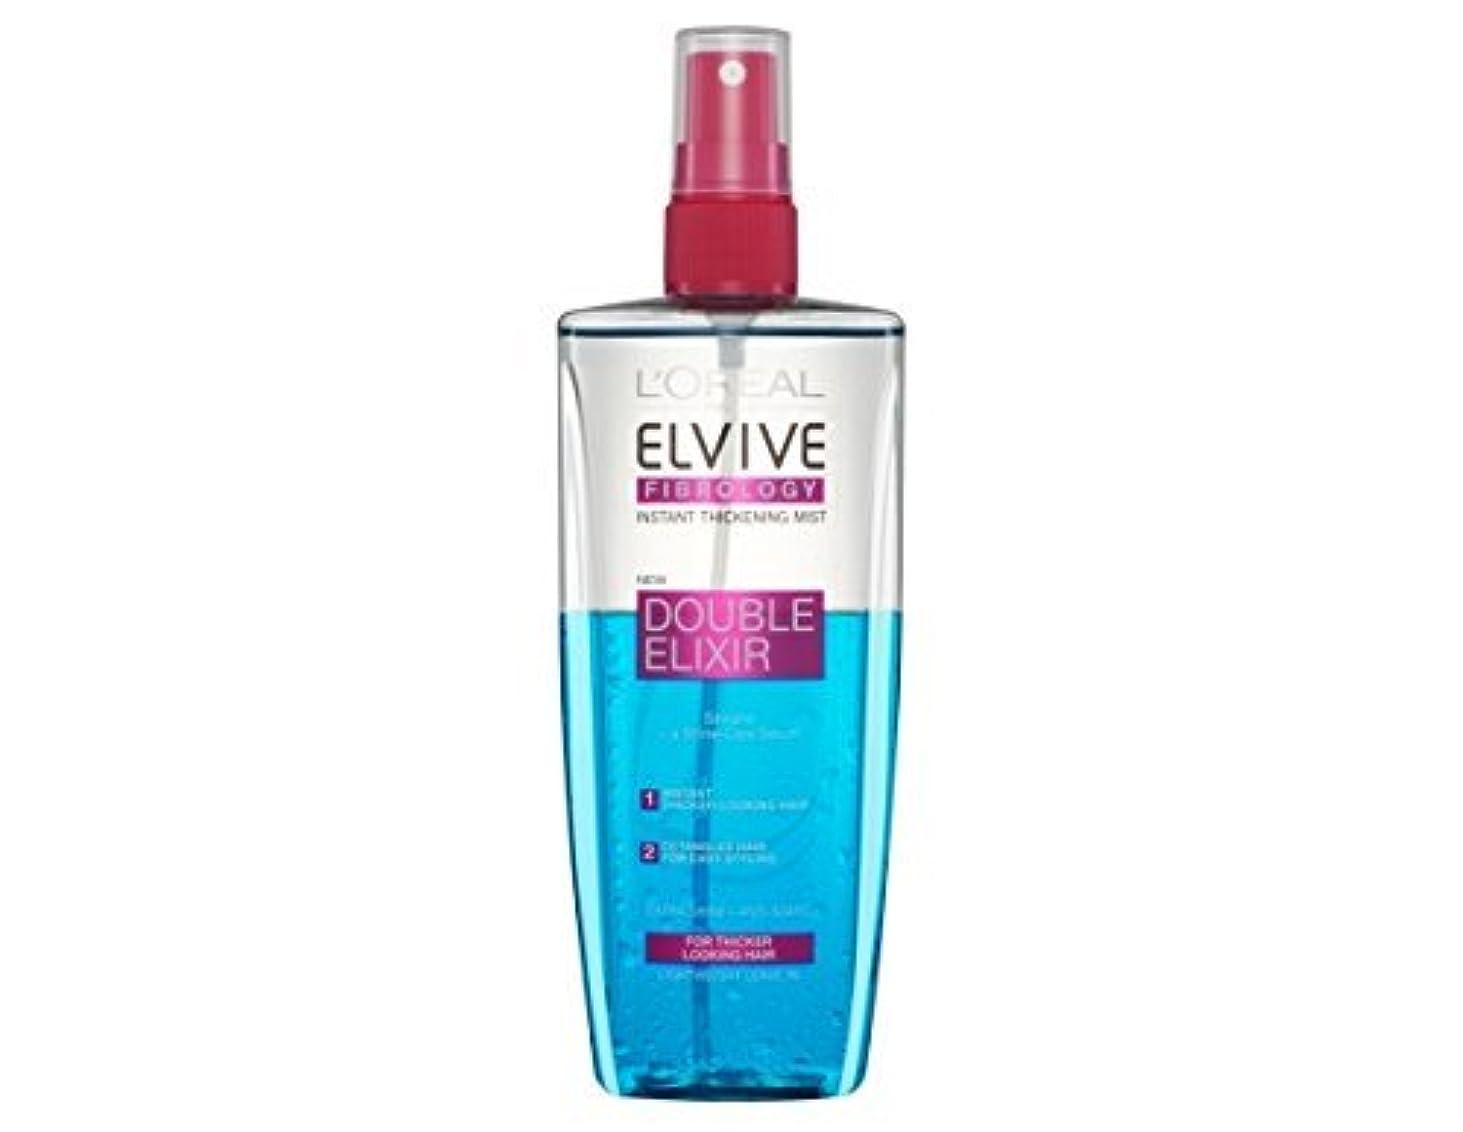 例外モットー動機付けるL'Oreal Elseve Fibralogy/Elvive Fibrology Double Elixir Express Balsam 200 ml / 6.7 oz by Elseve